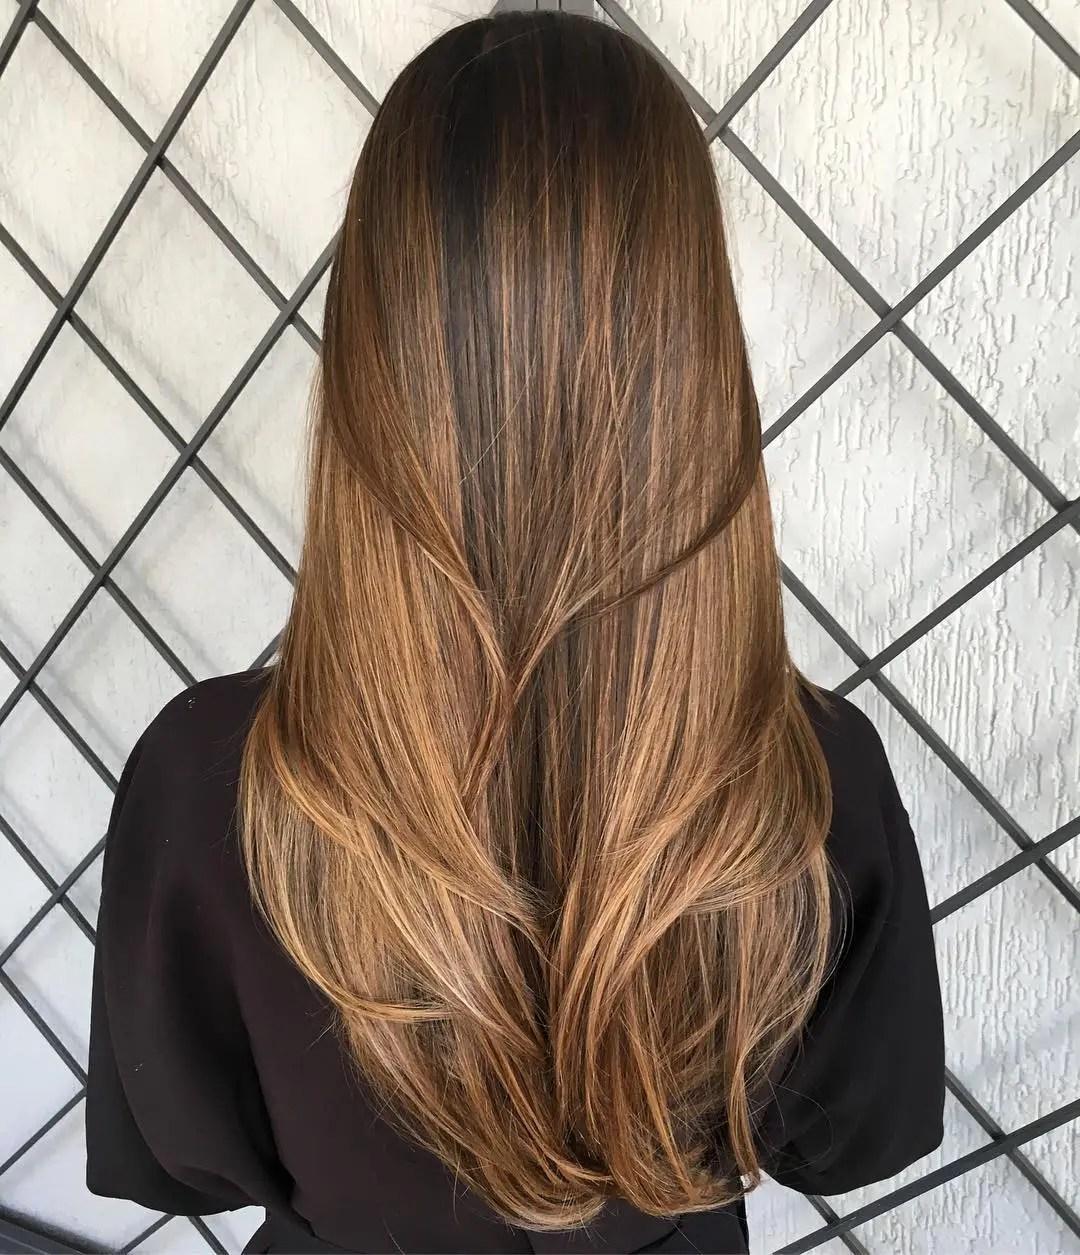 Haircut for Long Straight Hair